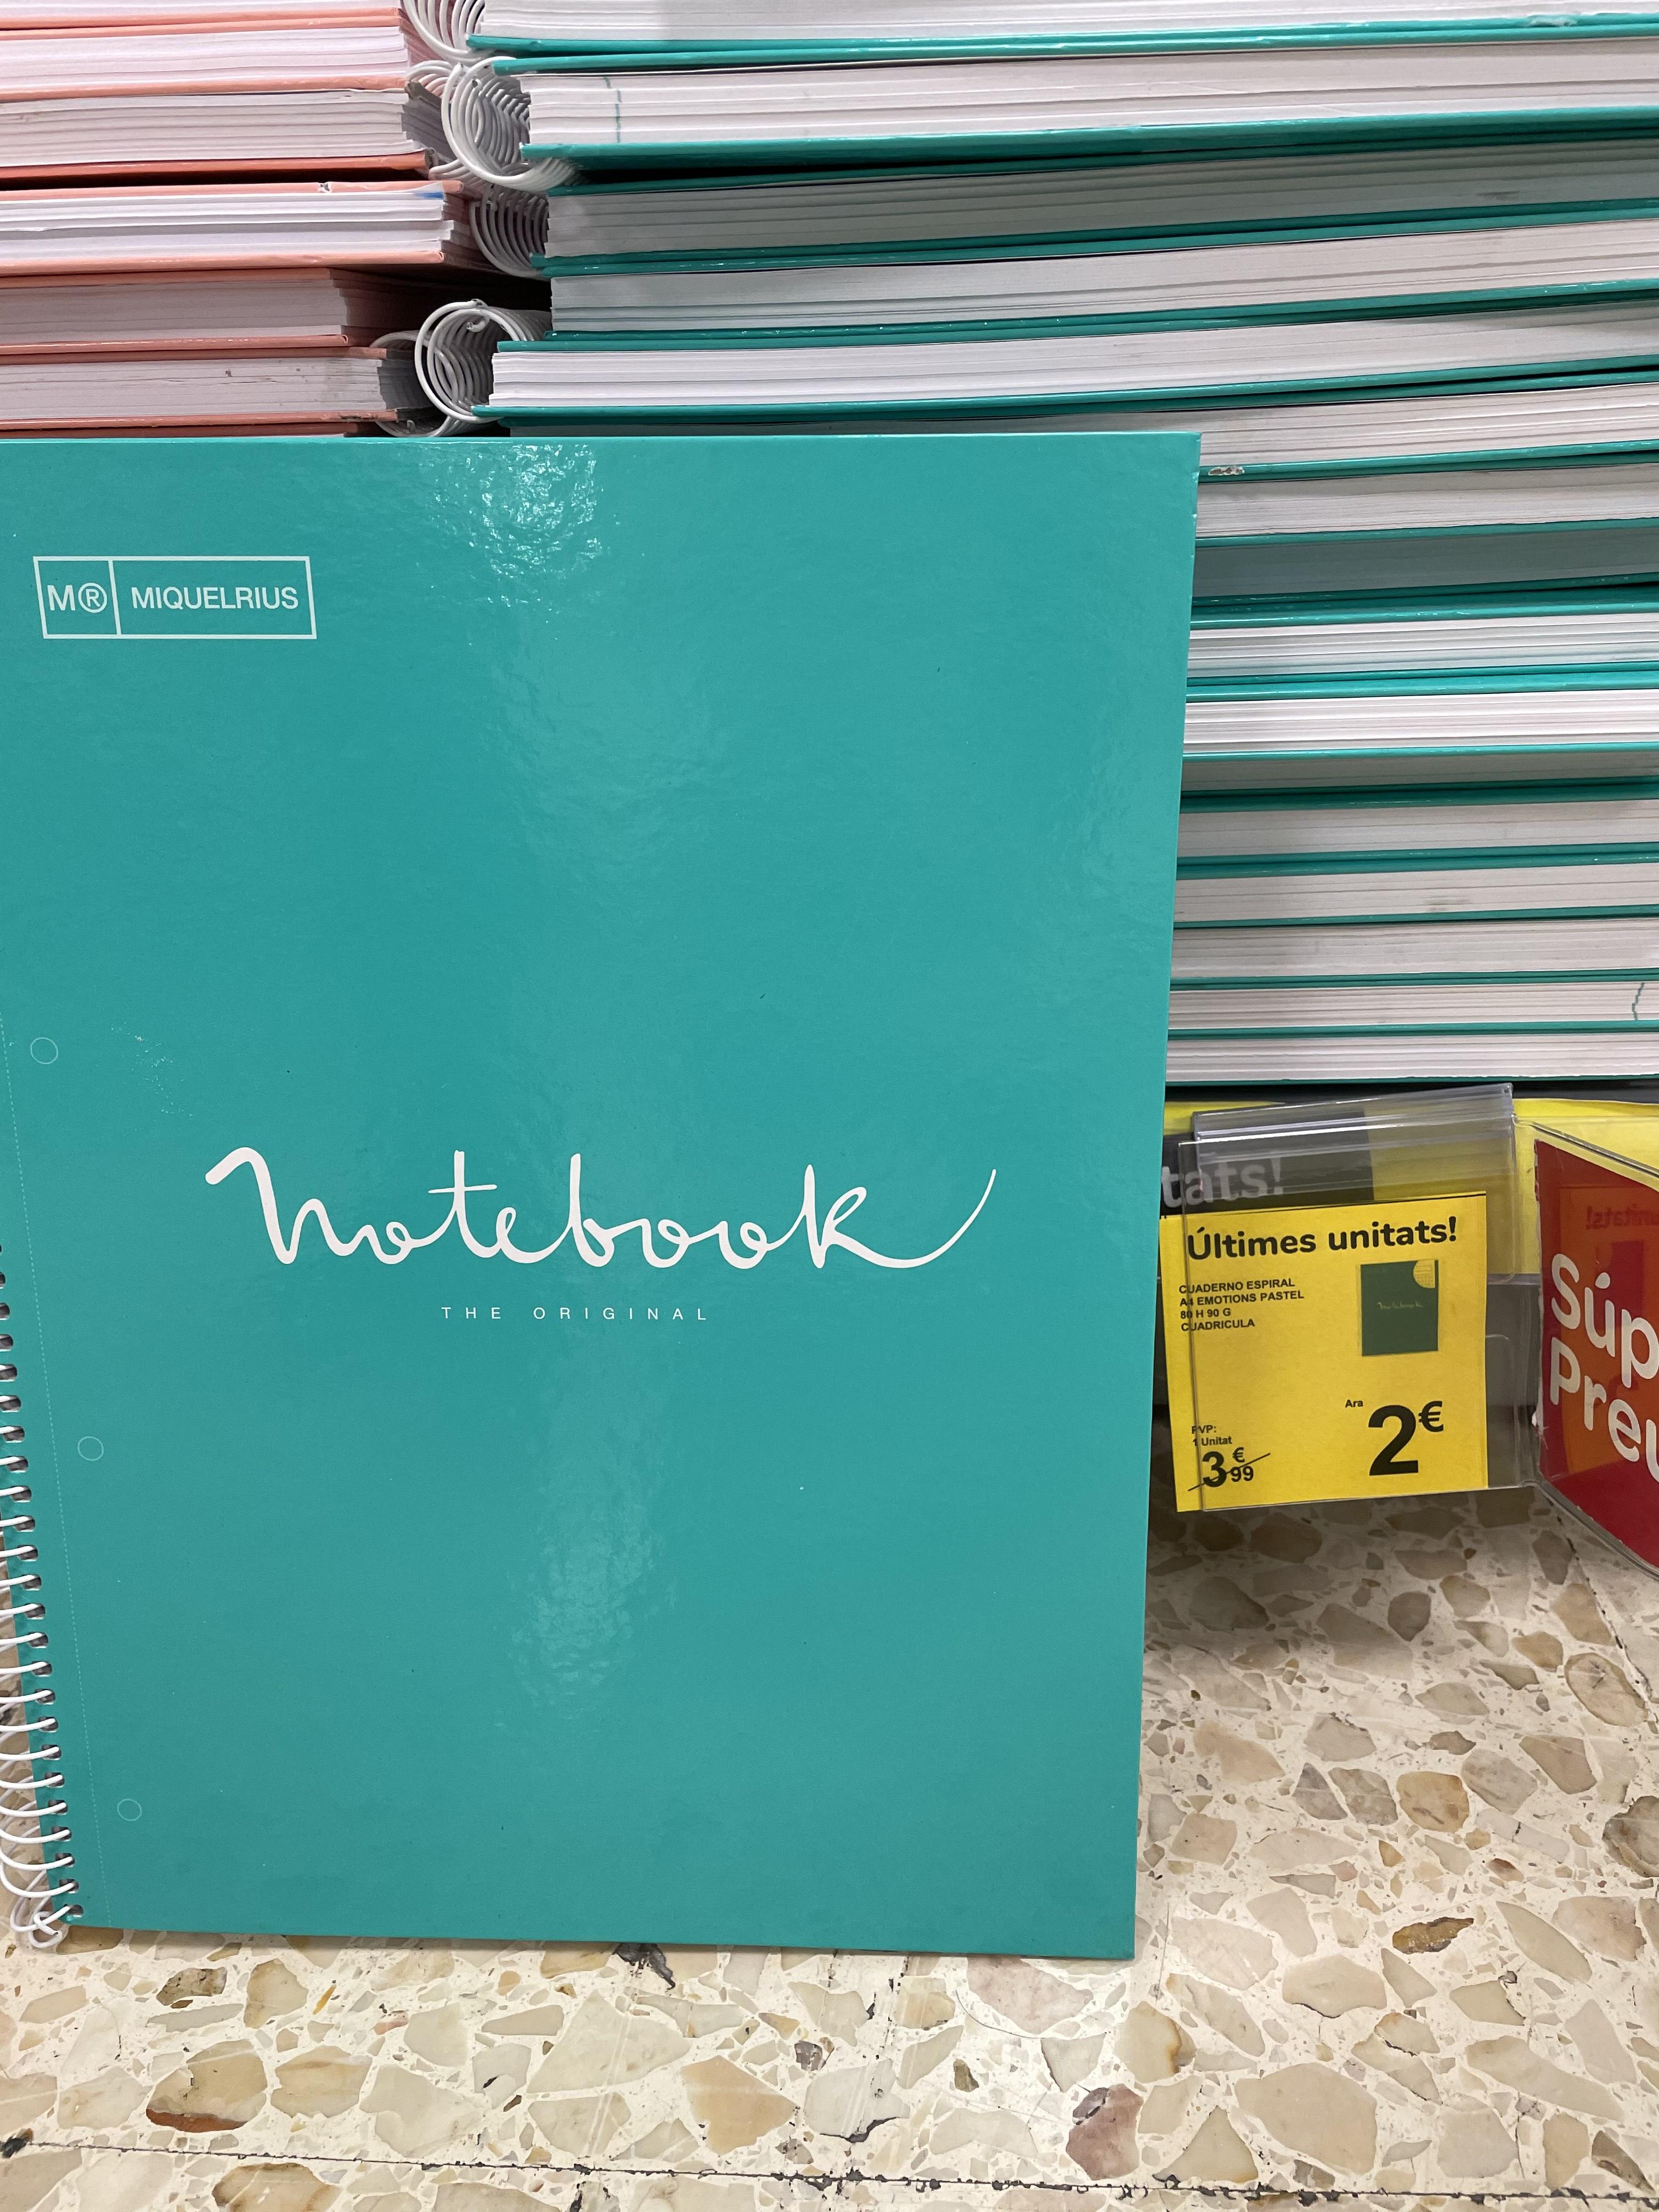 Libretas Notebook Miquelrius Carrefour Manresa